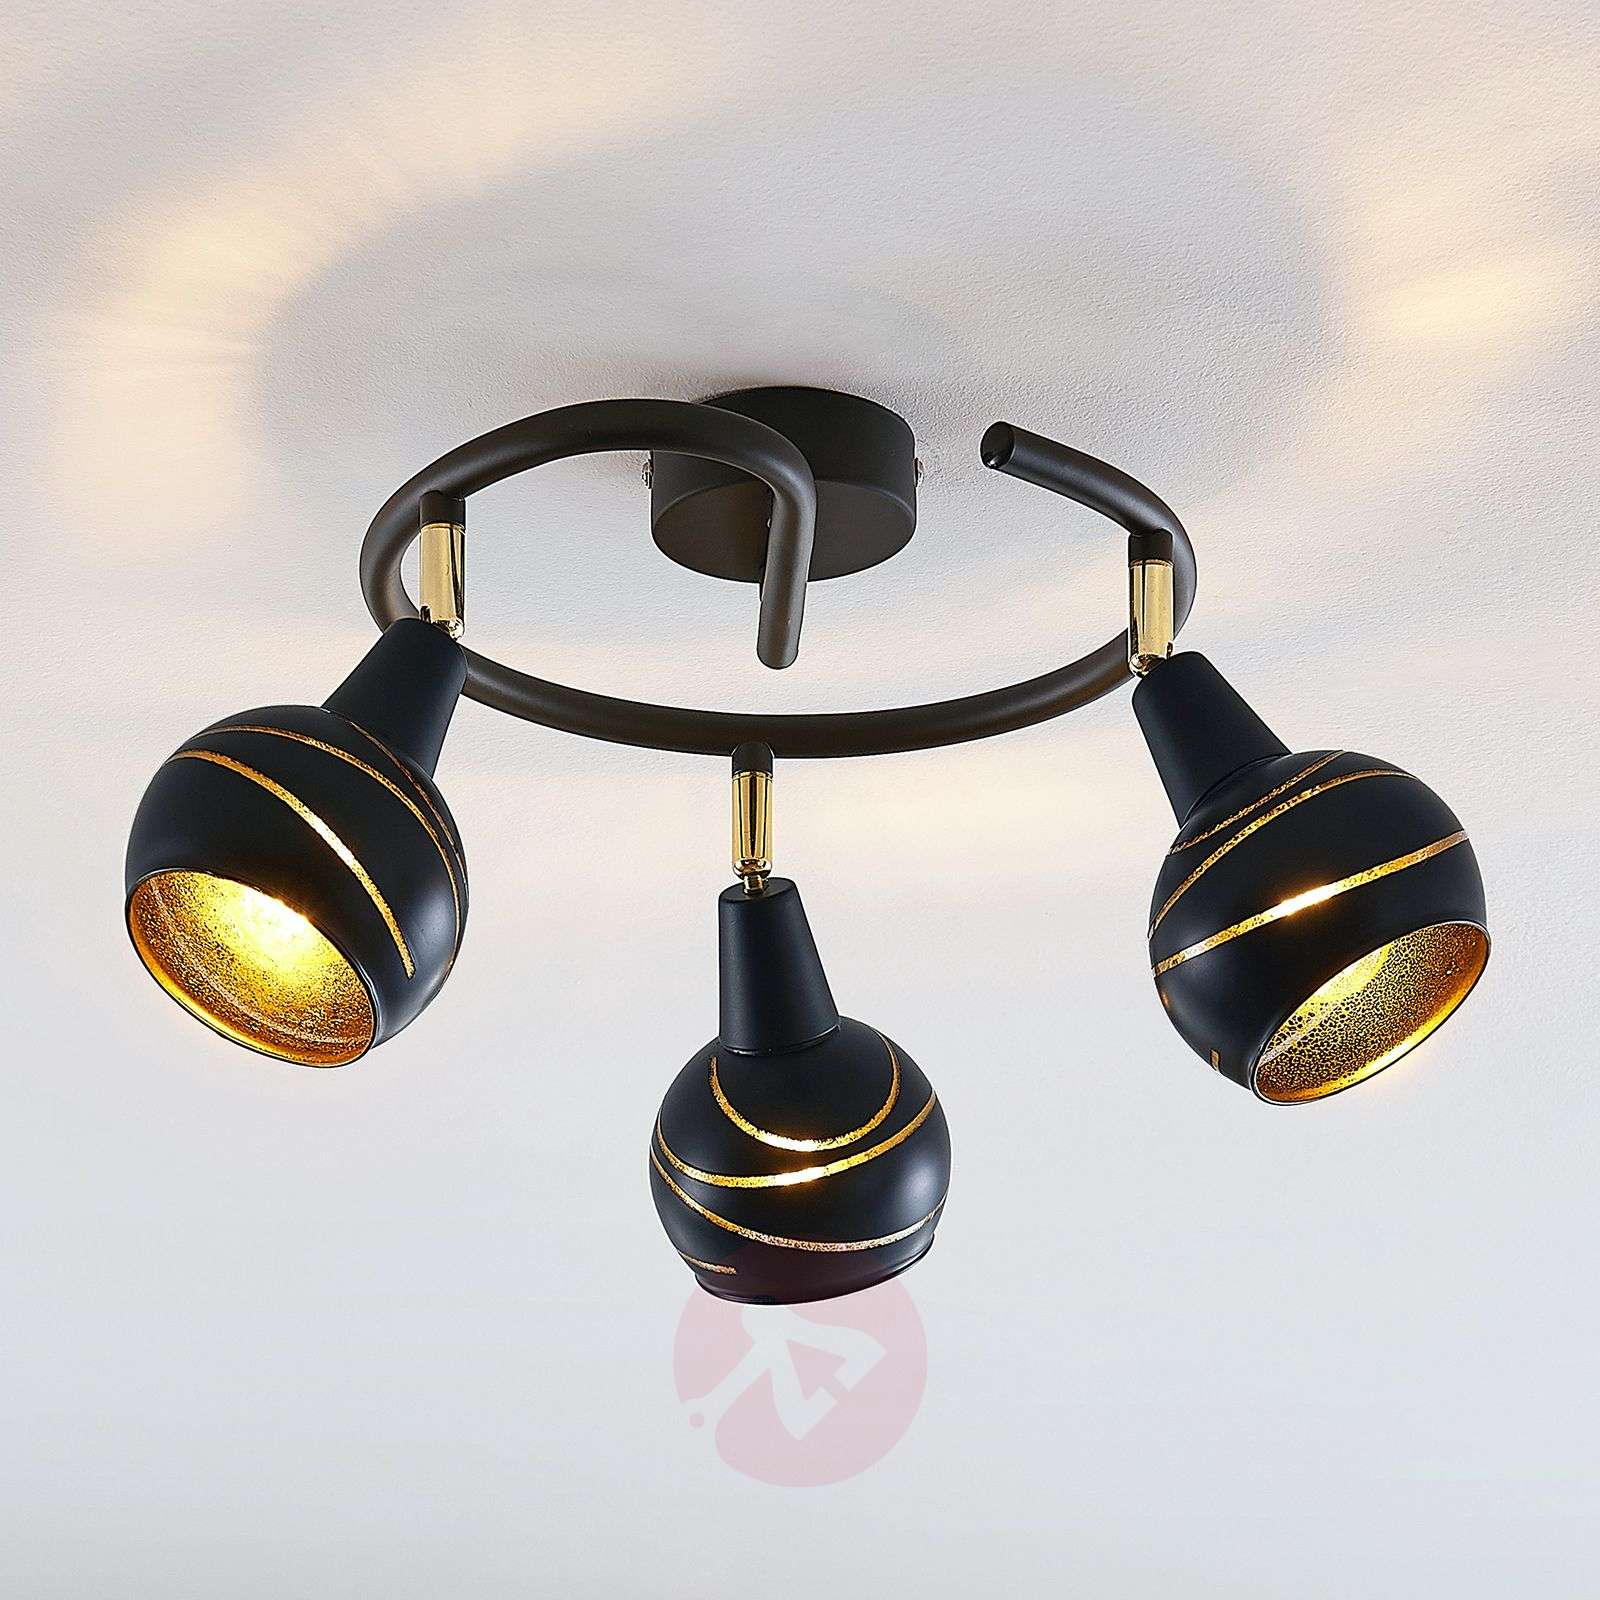 Kattolamppu Lynette, musta-kulta, 3-lamp. spiraali-4018200-01